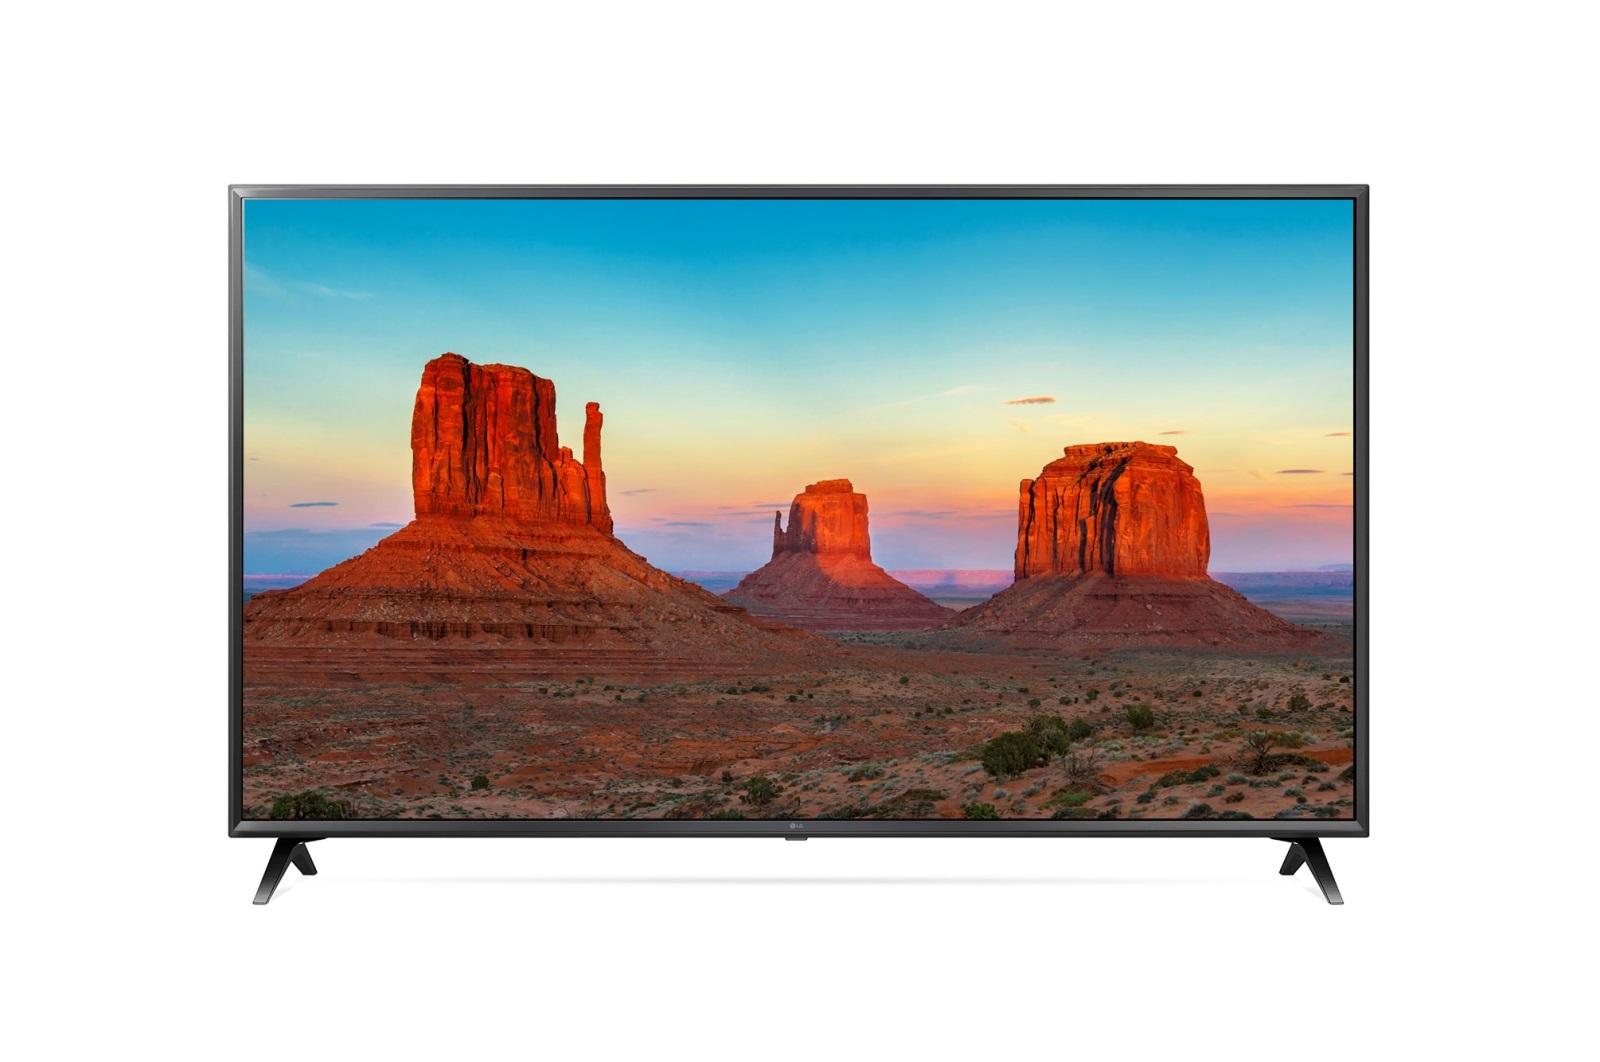 """LG 50UK6300 SMART LED TV 50"""" (125cm) UHD"""